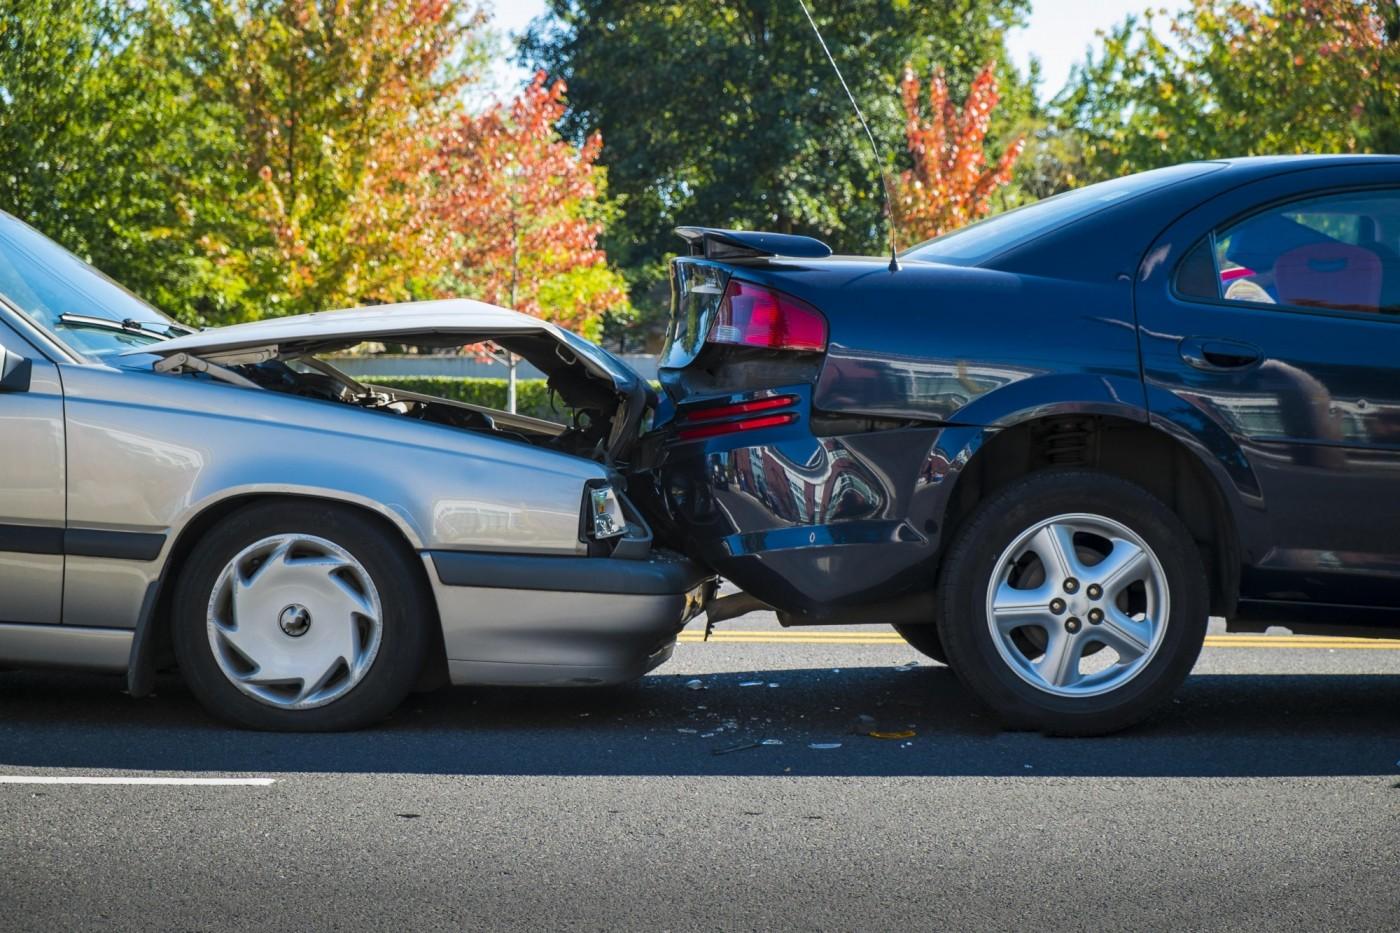 半小時就能拿到車險理賠!日本保險公司用AI讀照片,30秒為愛車維修報價